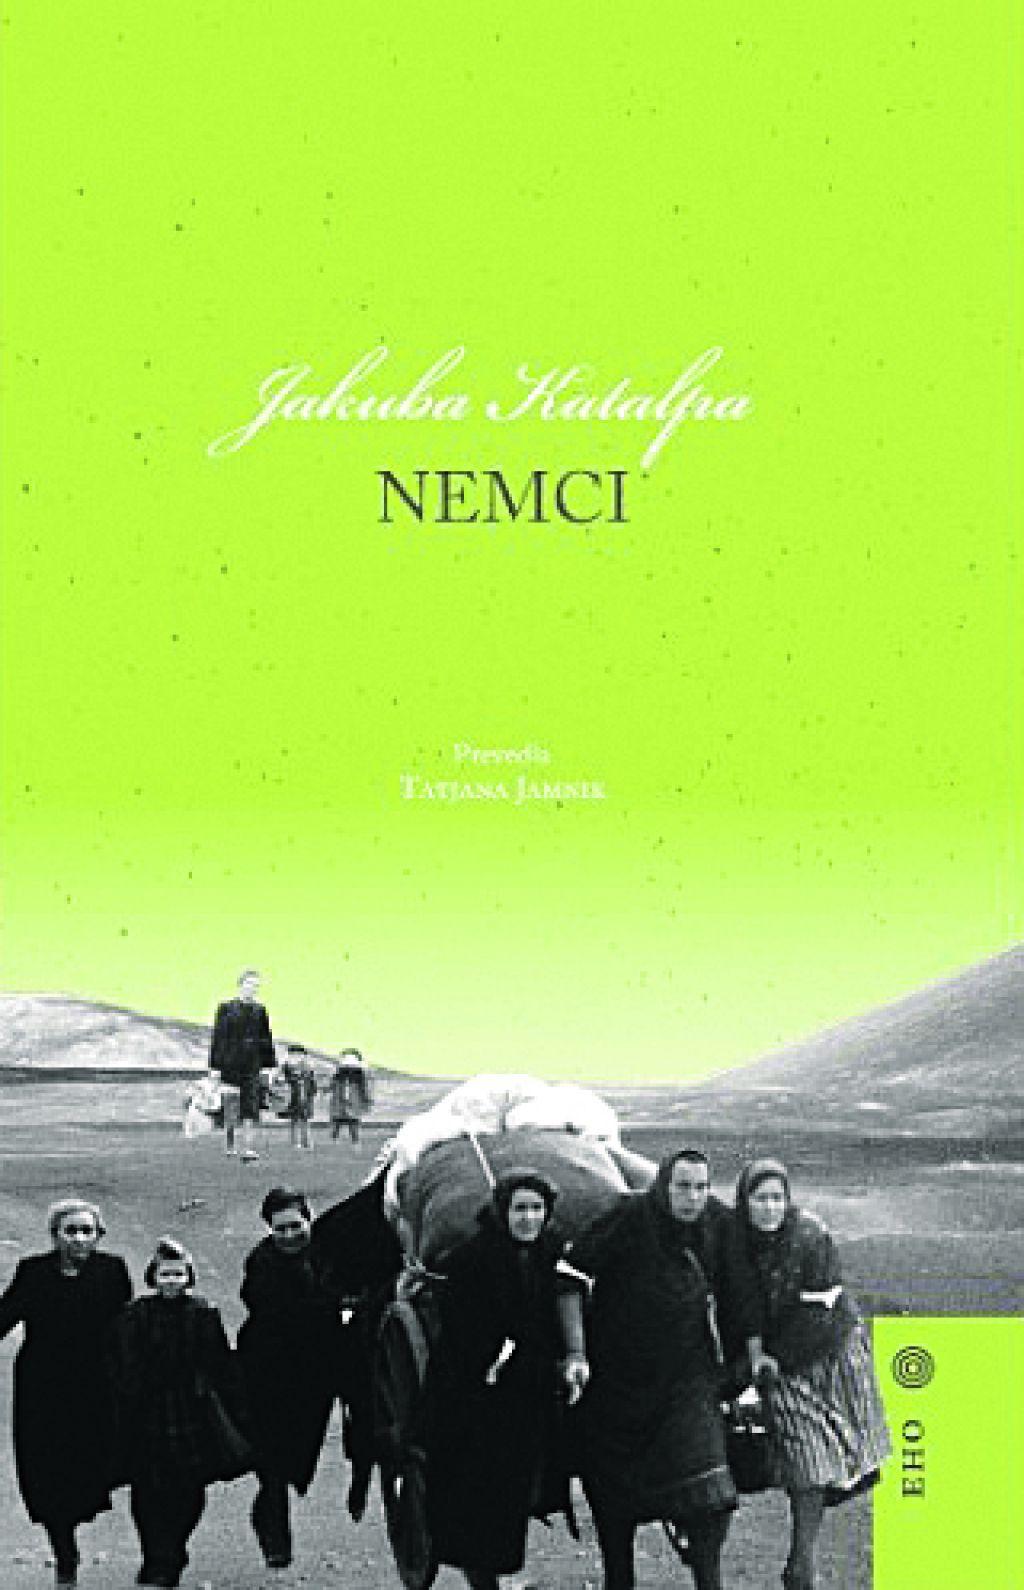 Recenzija knjige: Celovitost v fragmentarnosti